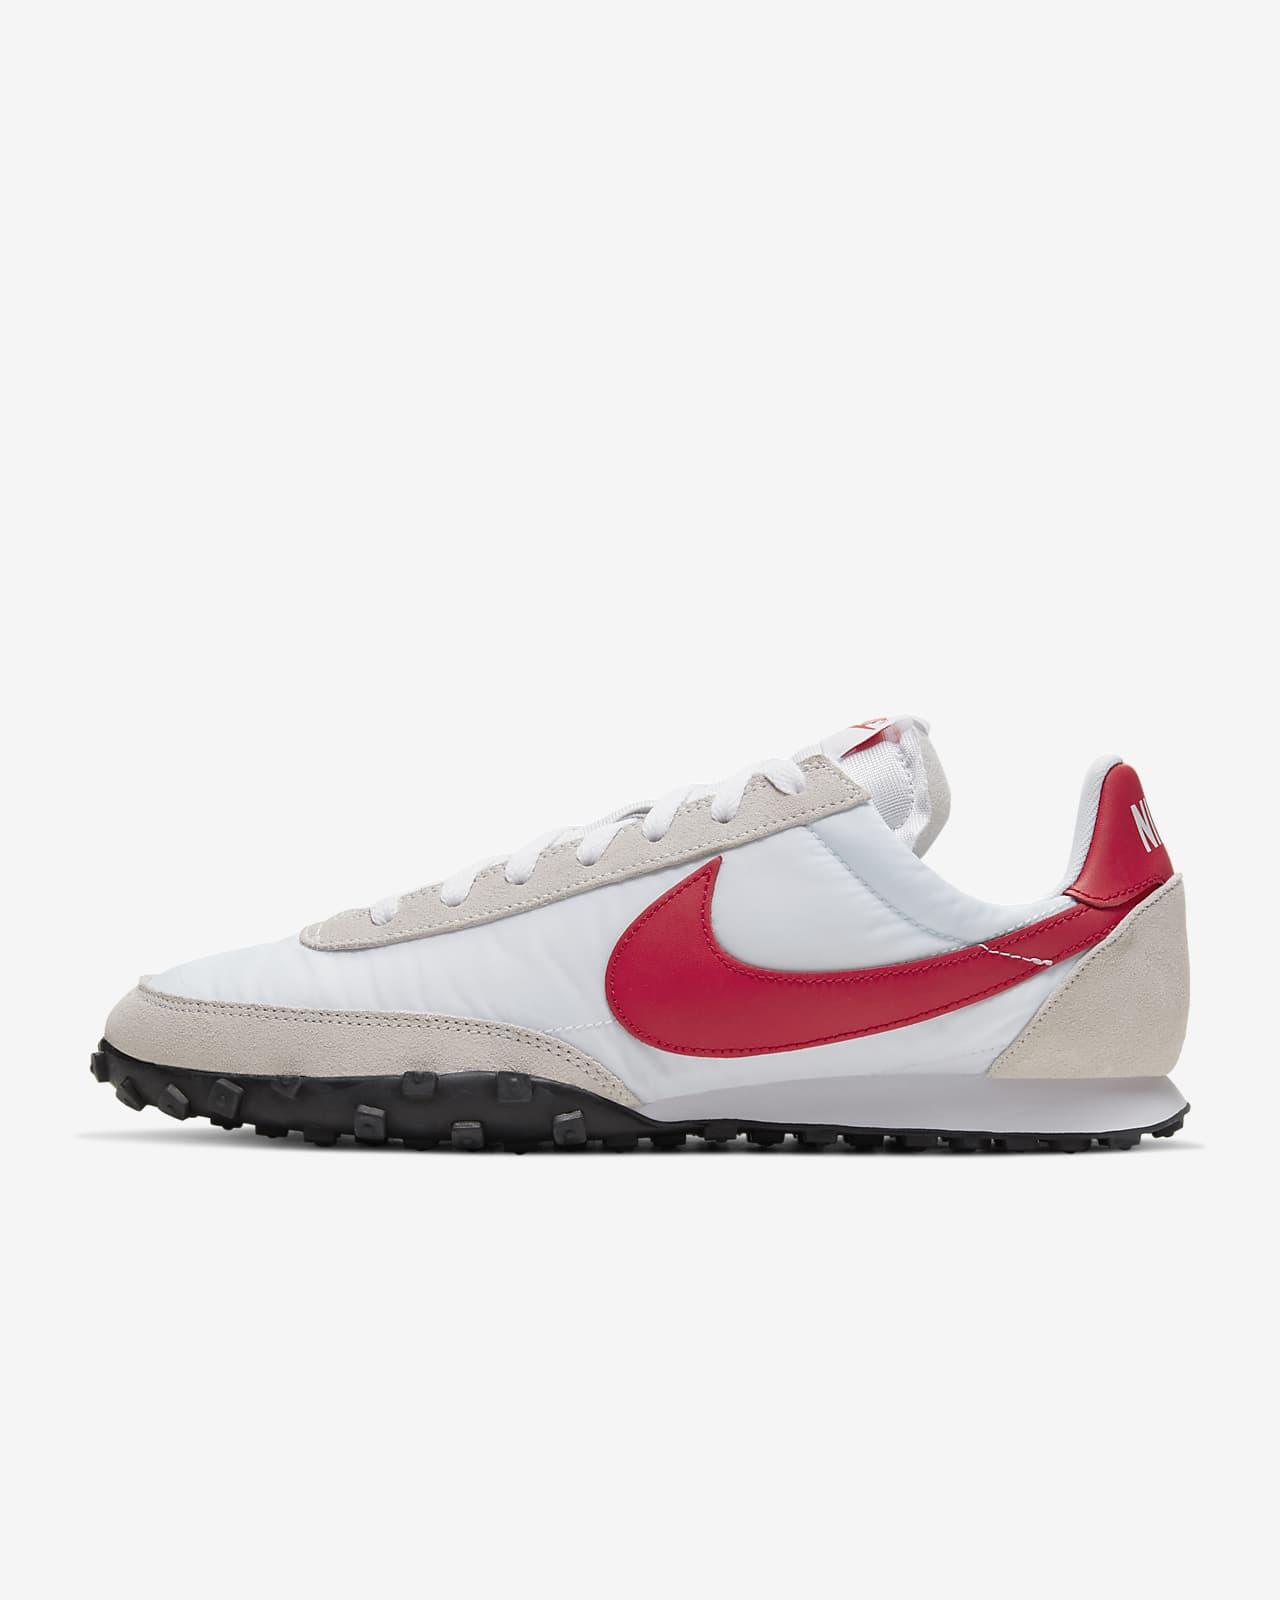 Nike Waffle Racer Men's Shoe